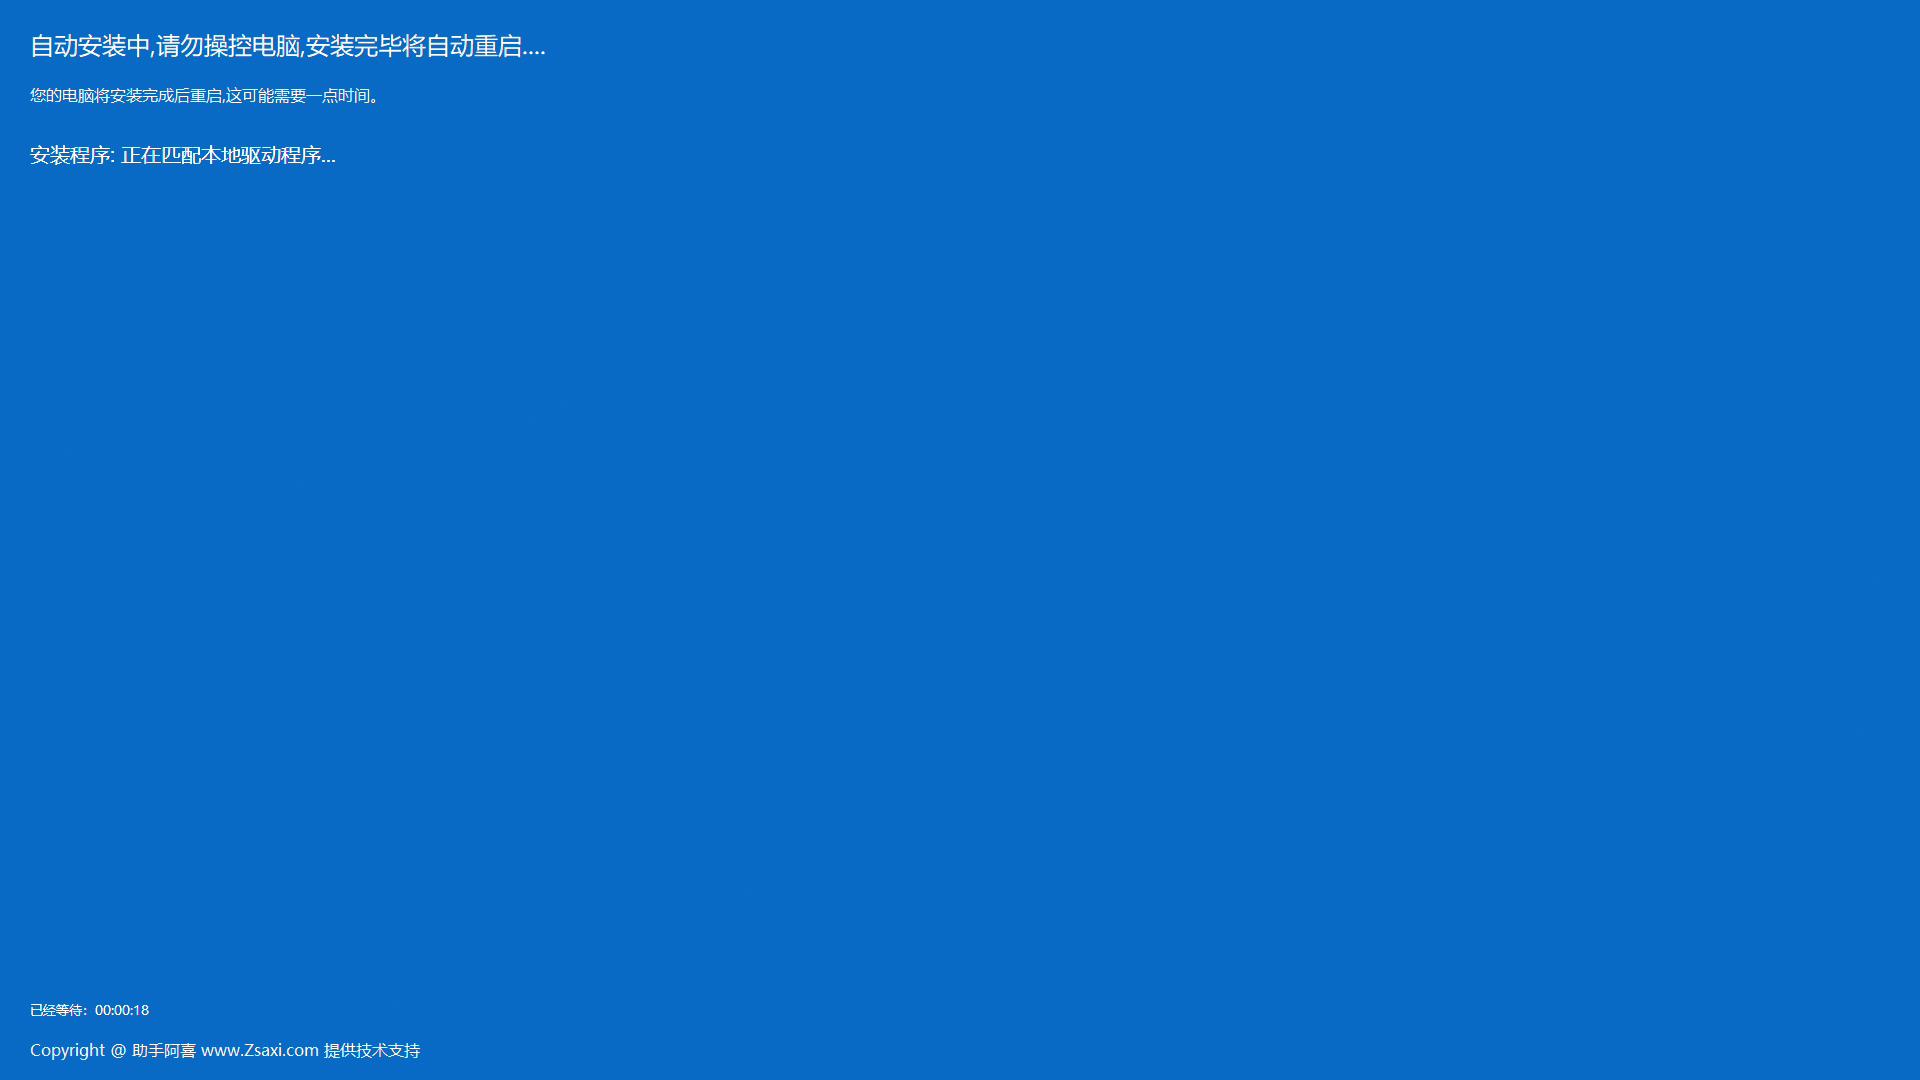 【图文】助手阿喜U盘重装系统教程